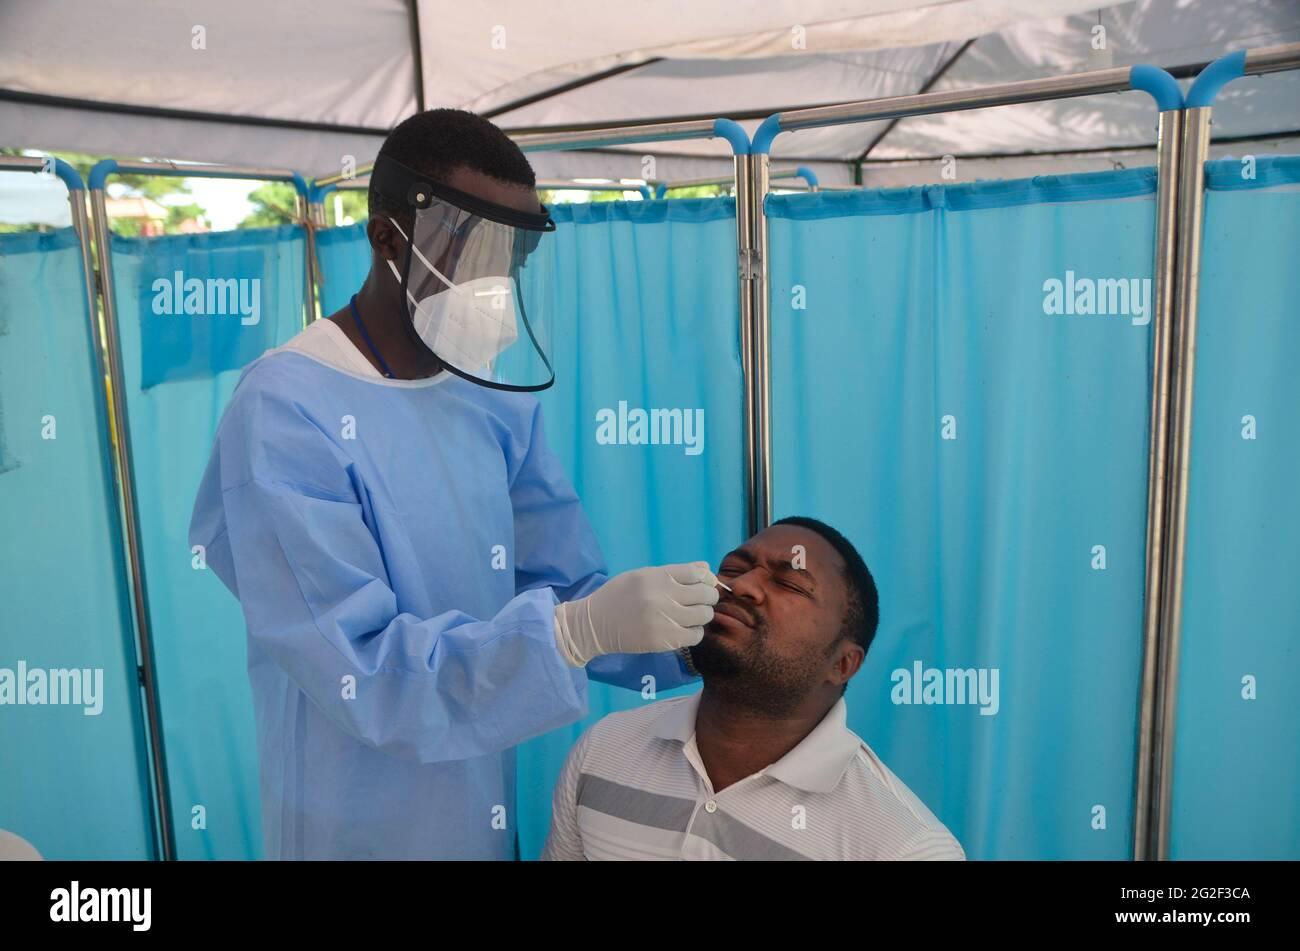 Entebbe, Ouganda. 9 juin 2021. Un travailleur médical recueille un échantillon d'écouvillonnage pour les tests COVID-19 près de l'aéroport international d'Entebbe, district de Wakiso, Ouganda, le 9 juin 2021. Le ministère ougandais de la Santé a déclaré jeudi que le pays a enregistré 1,438 nouveaux cas de COVID-19, la plus forte augmentation quotidienne de la deuxième vague du virus, ce qui porte le nombre national total d'infections à 56,949. Crédit: Nicholas Kajoba/Xinhua/Alamy Live News Banque D'Images